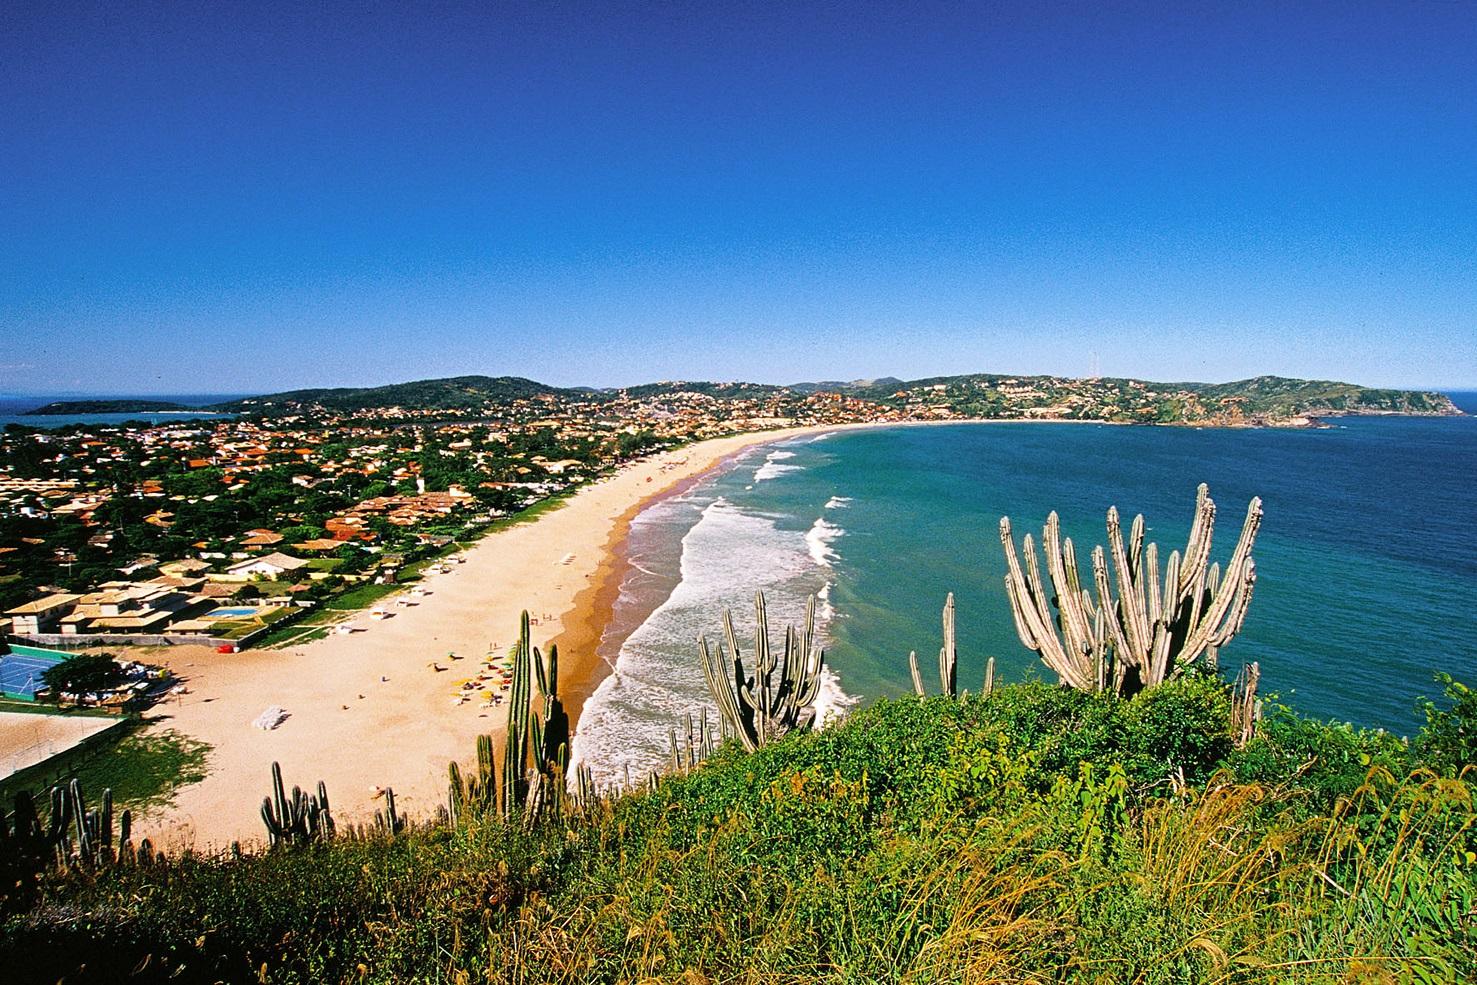 A bela praia de Geribá, em Búzios, foi a única escolhida por todos os especialistas. Foto Sérgio Quissak